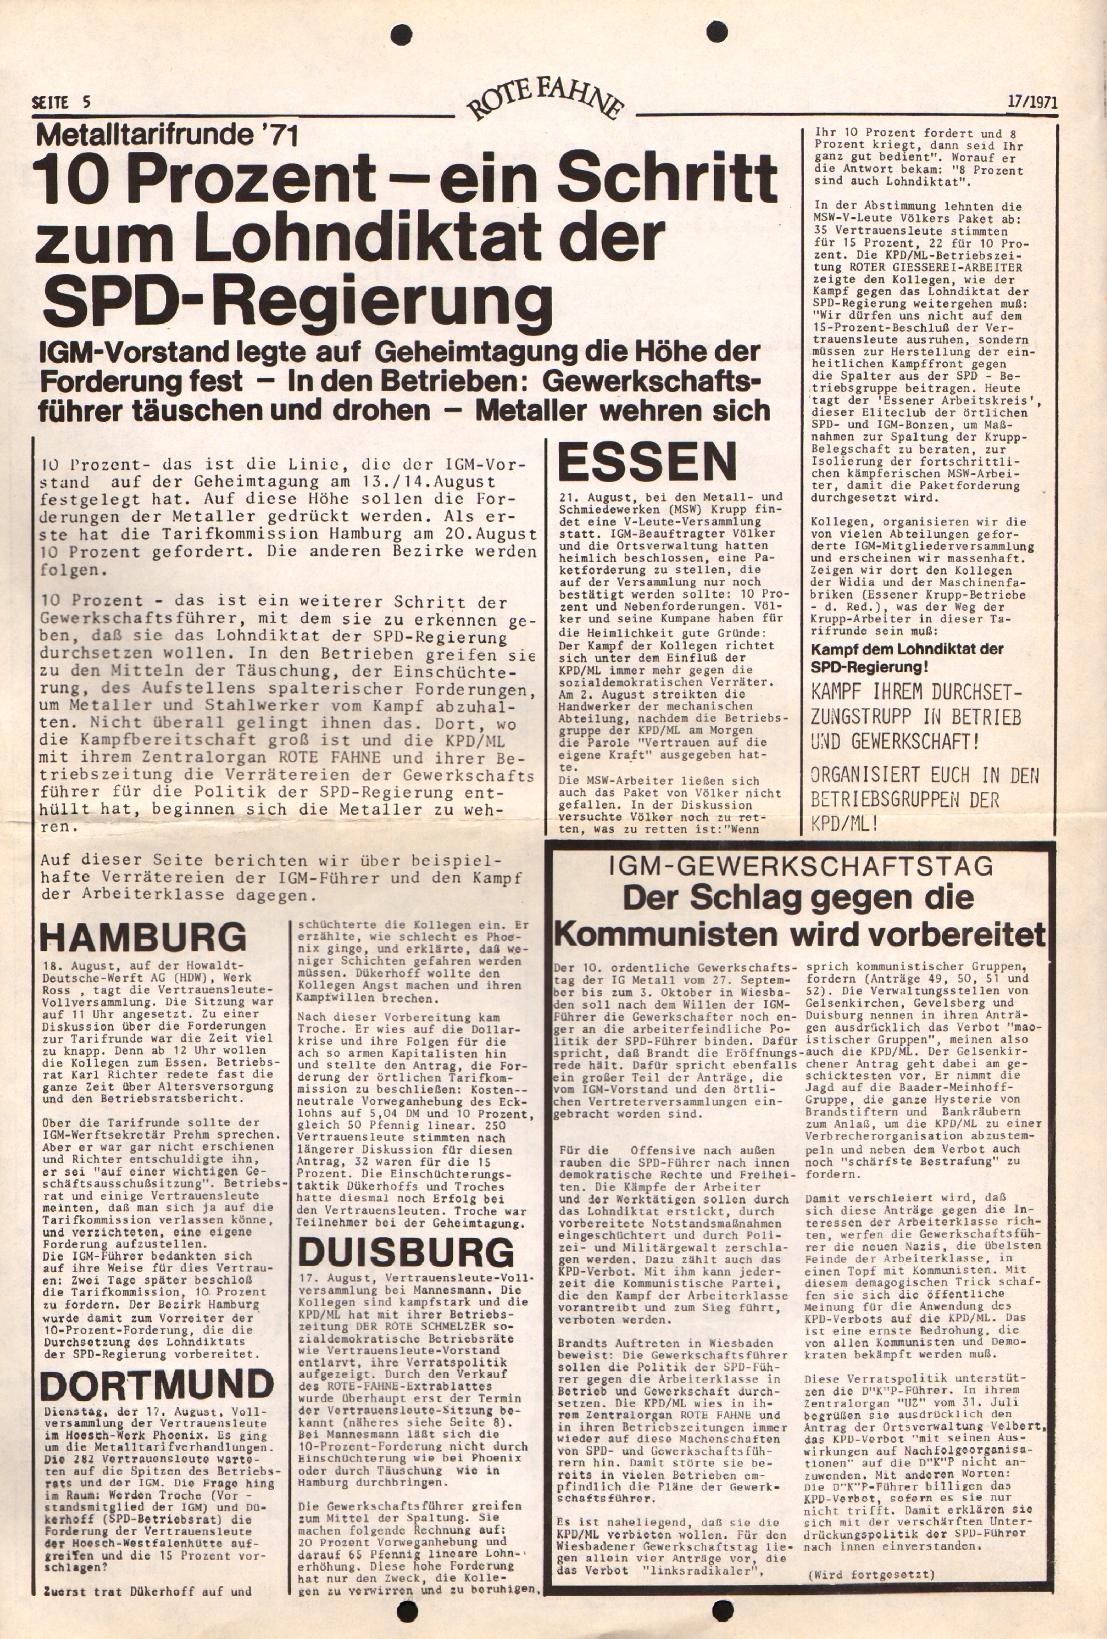 Rote Fahne, 2. Jg., 30.8.1971, Nr. 17, Seite 5